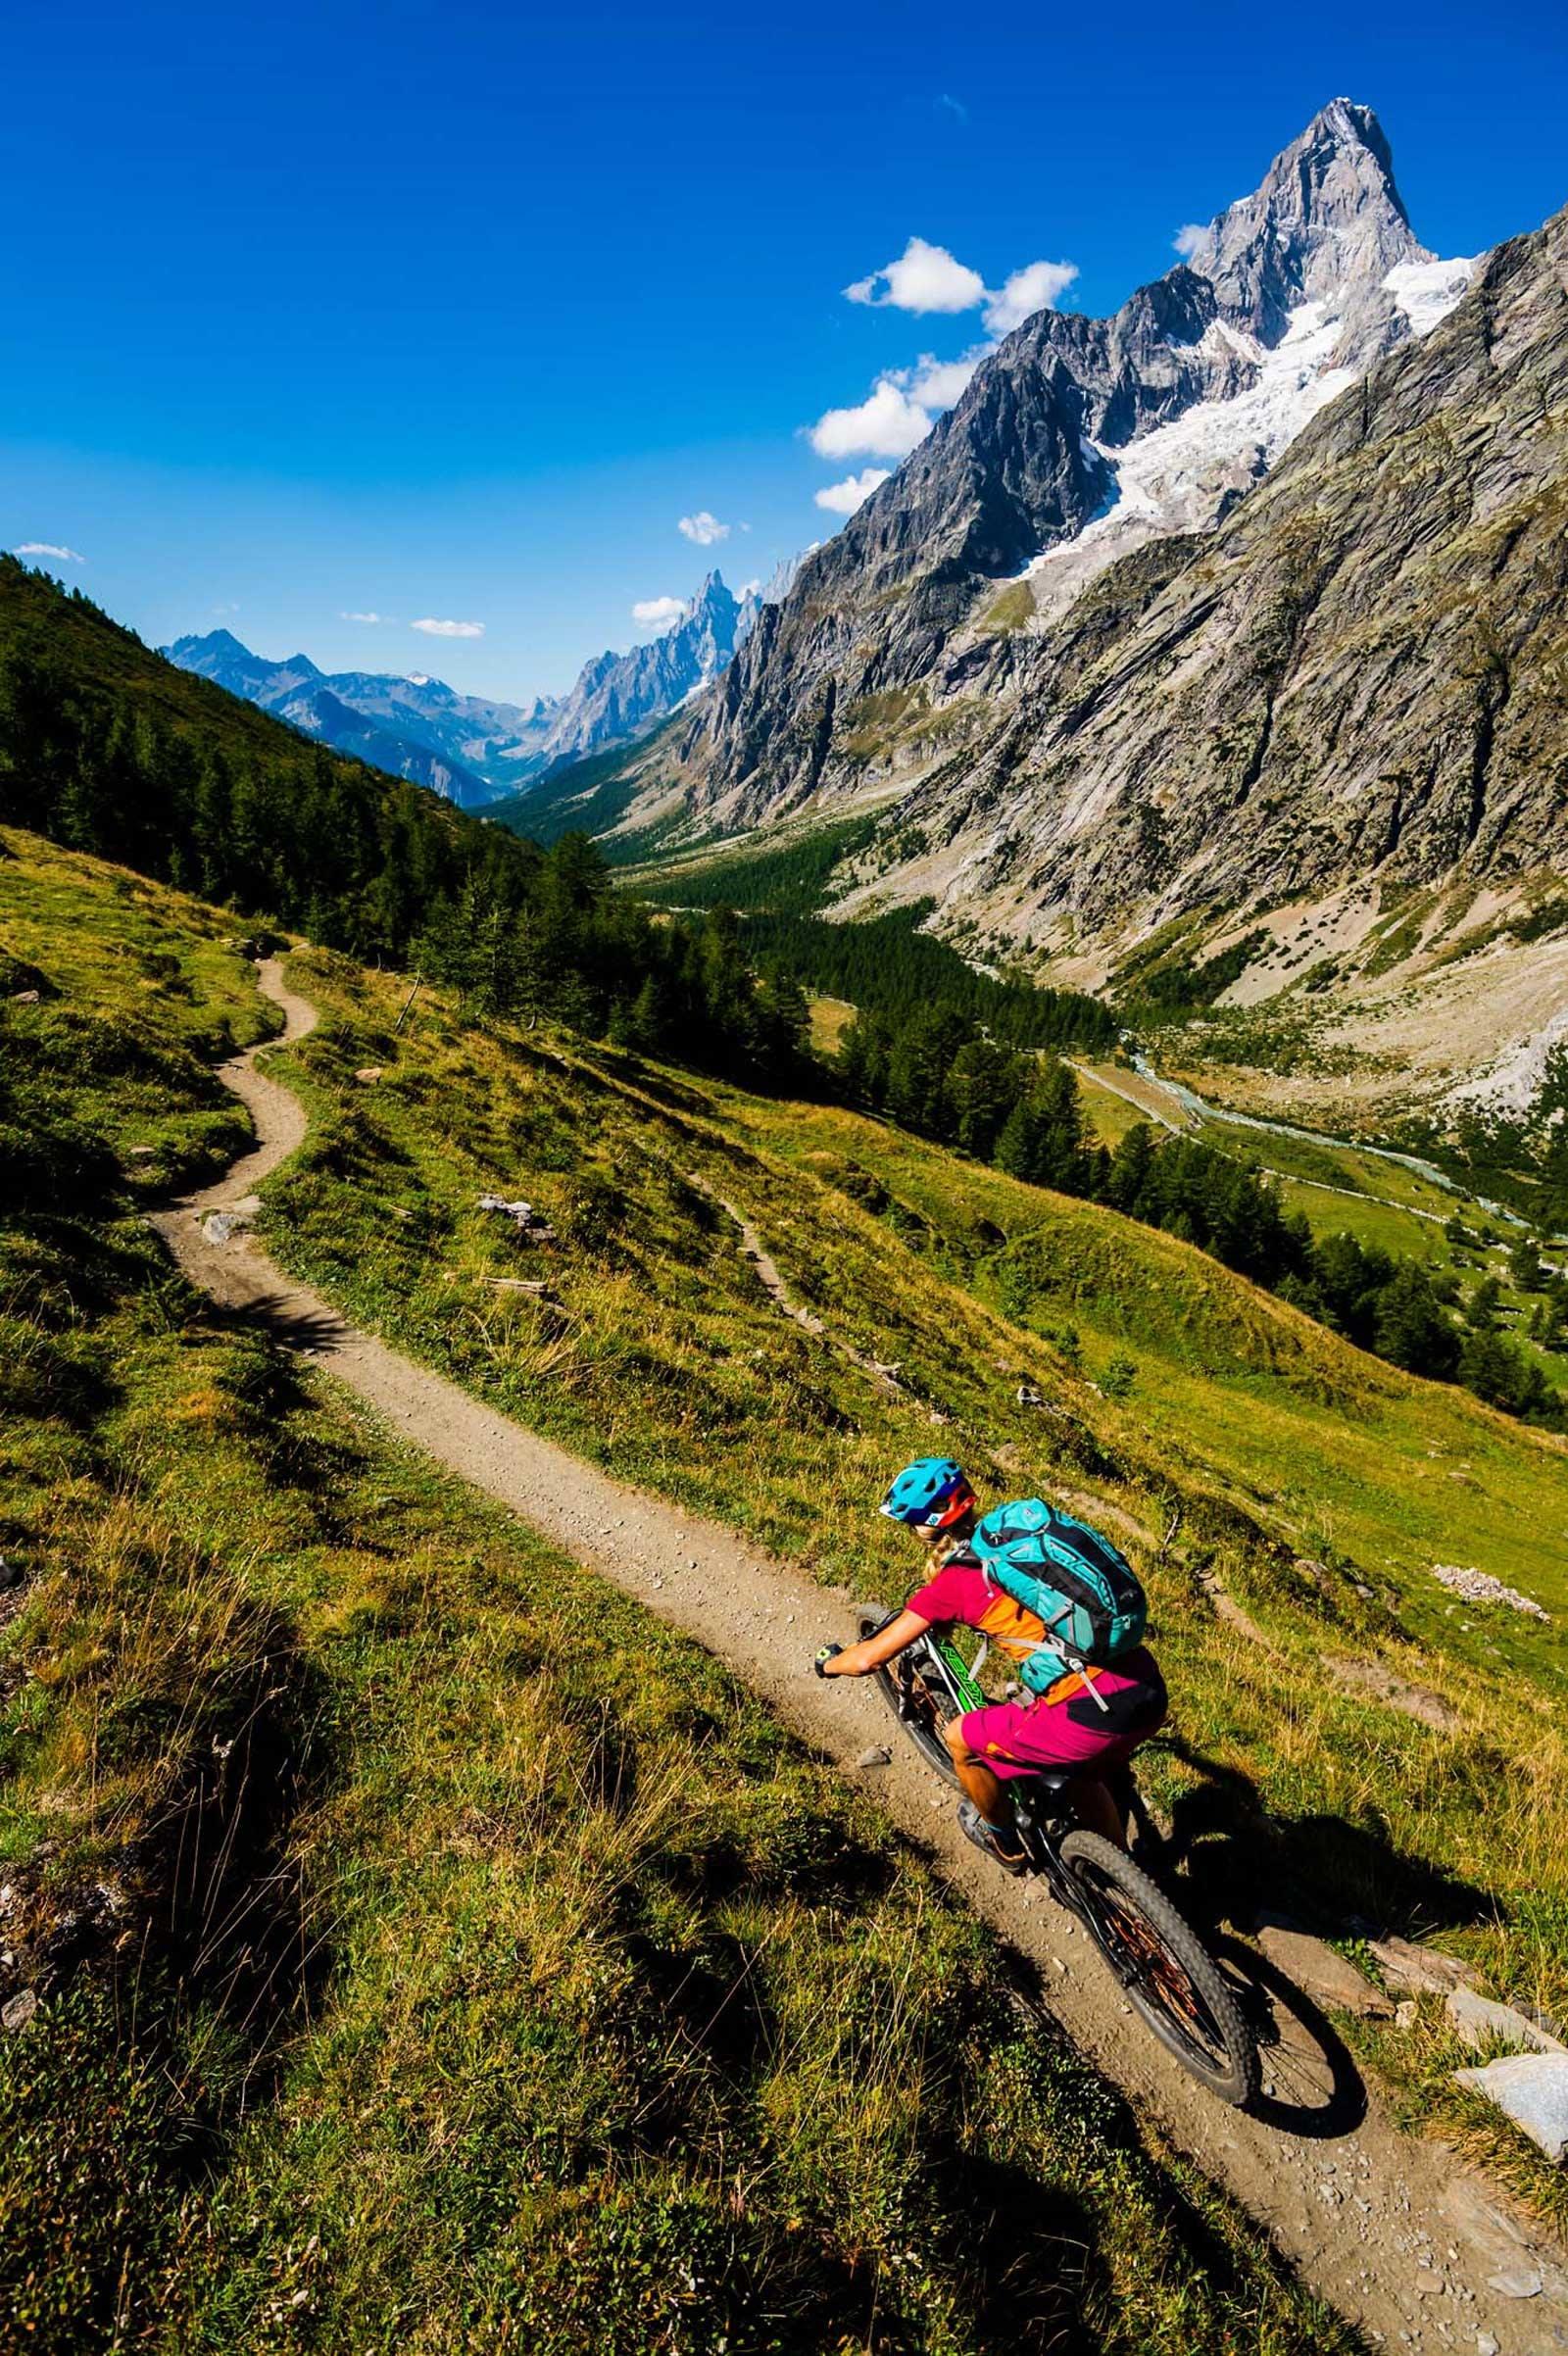 DRØMMEDAL: Aosta-dalen stiller til disposisjon med flytstier av første klasse. Karen Eller nyter.